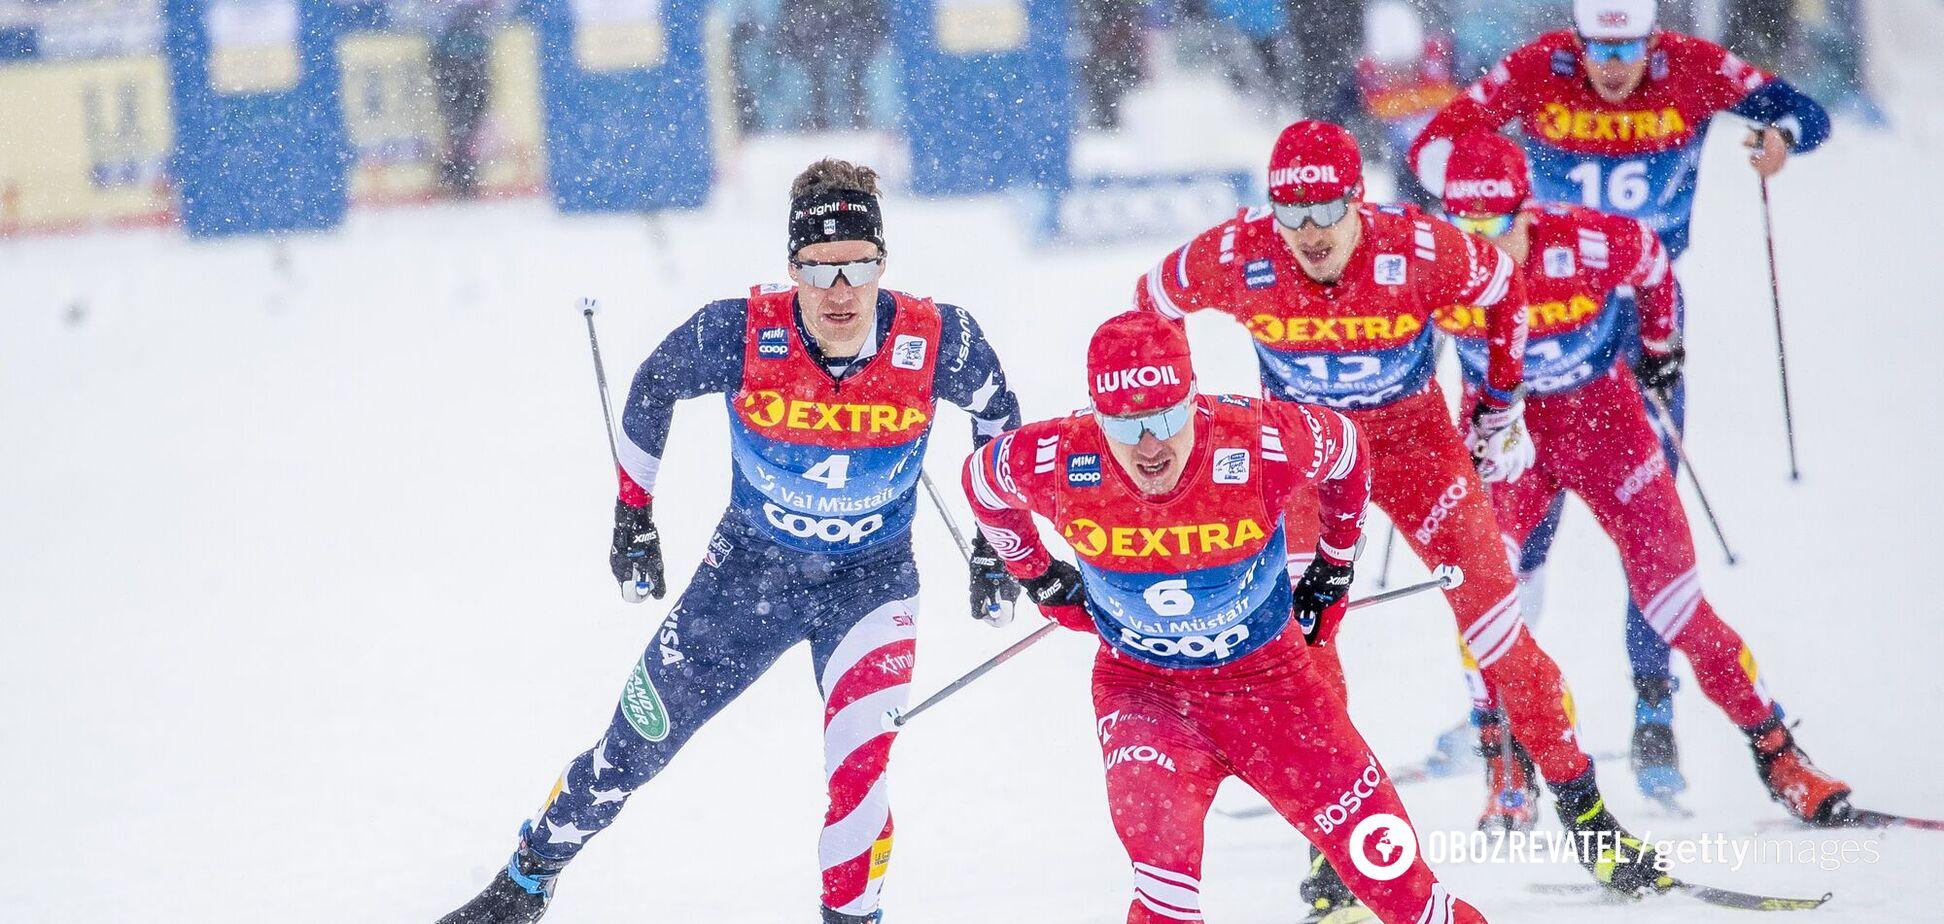 Масс-старт на 'Тур де Ски'